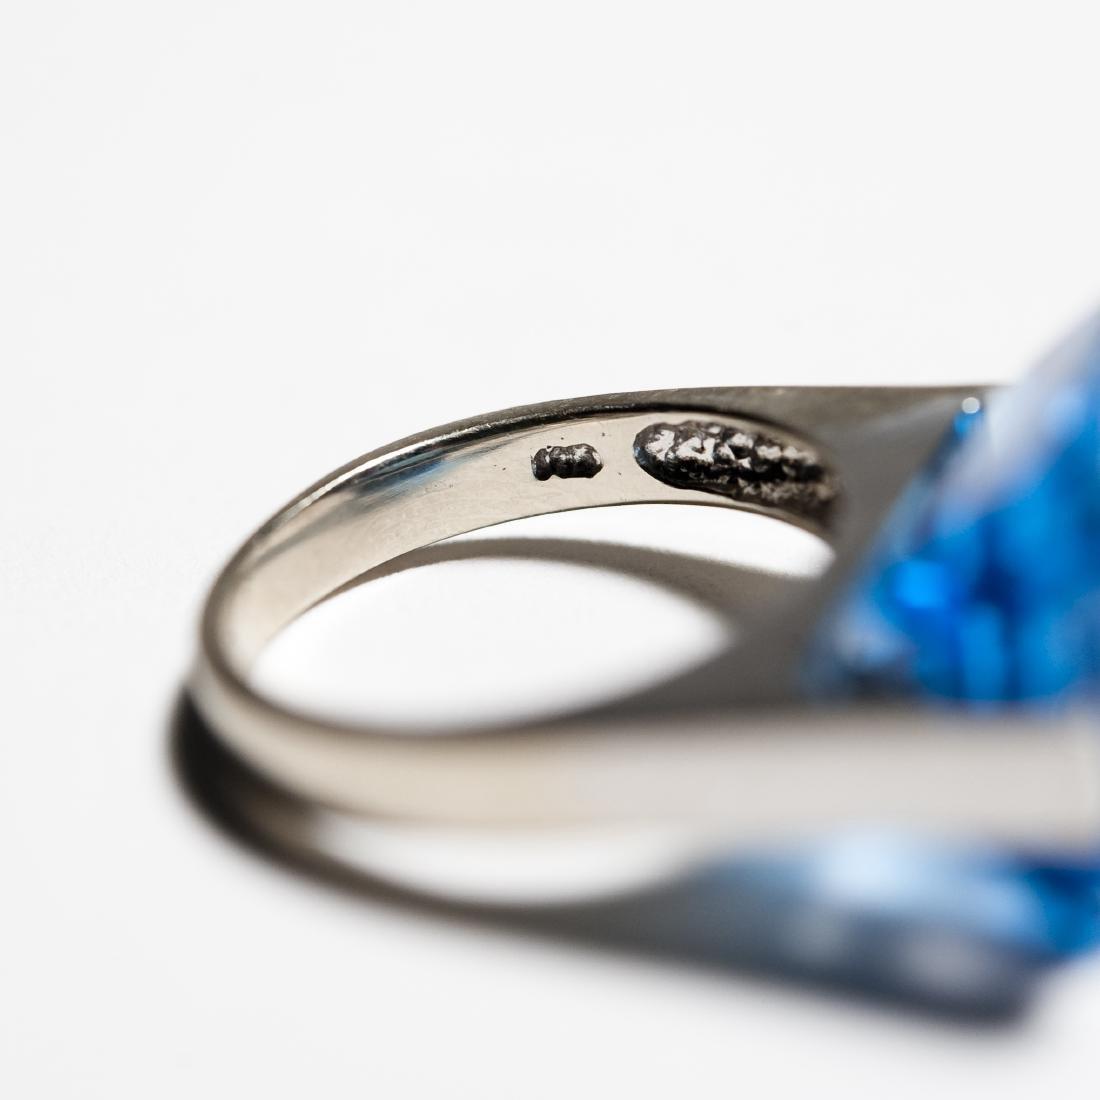 14K White Gold & Blue Topaz Ring. - 3